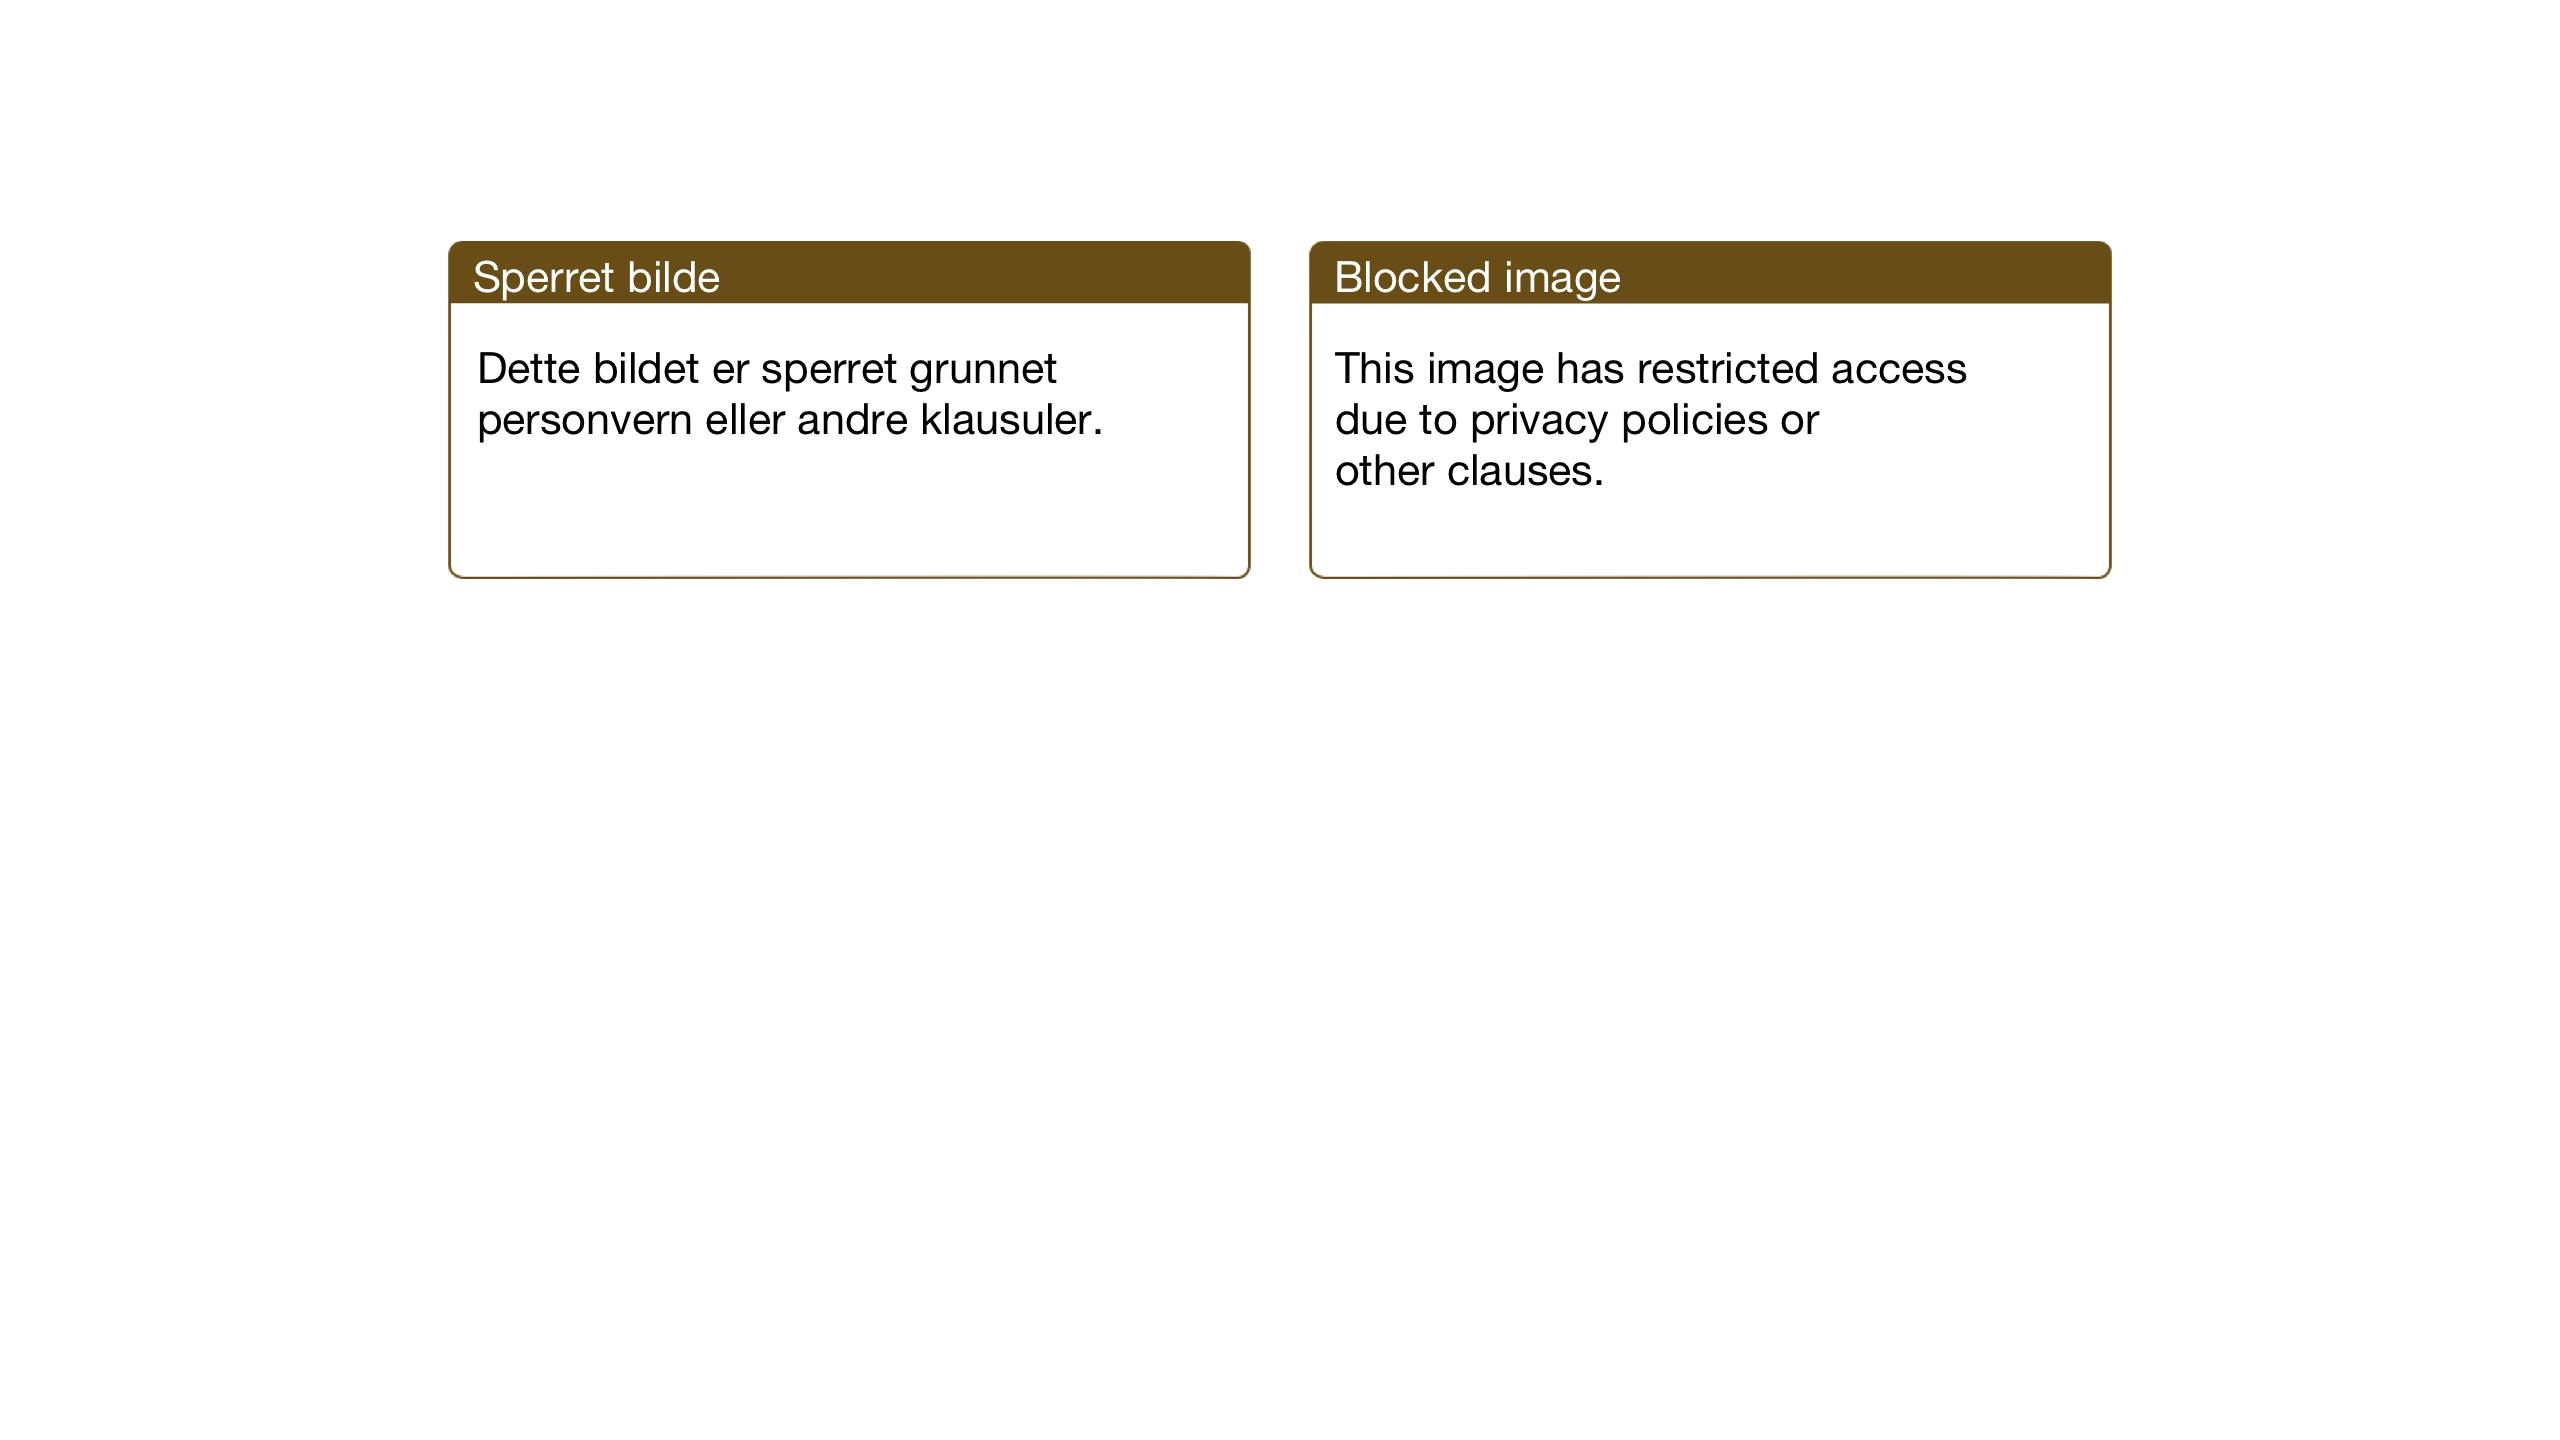 SAT, Ministerialprotokoller, klokkerbøker og fødselsregistre - Sør-Trøndelag, 689/L1045: Klokkerbok nr. 689C04, 1923-1940, s. 139